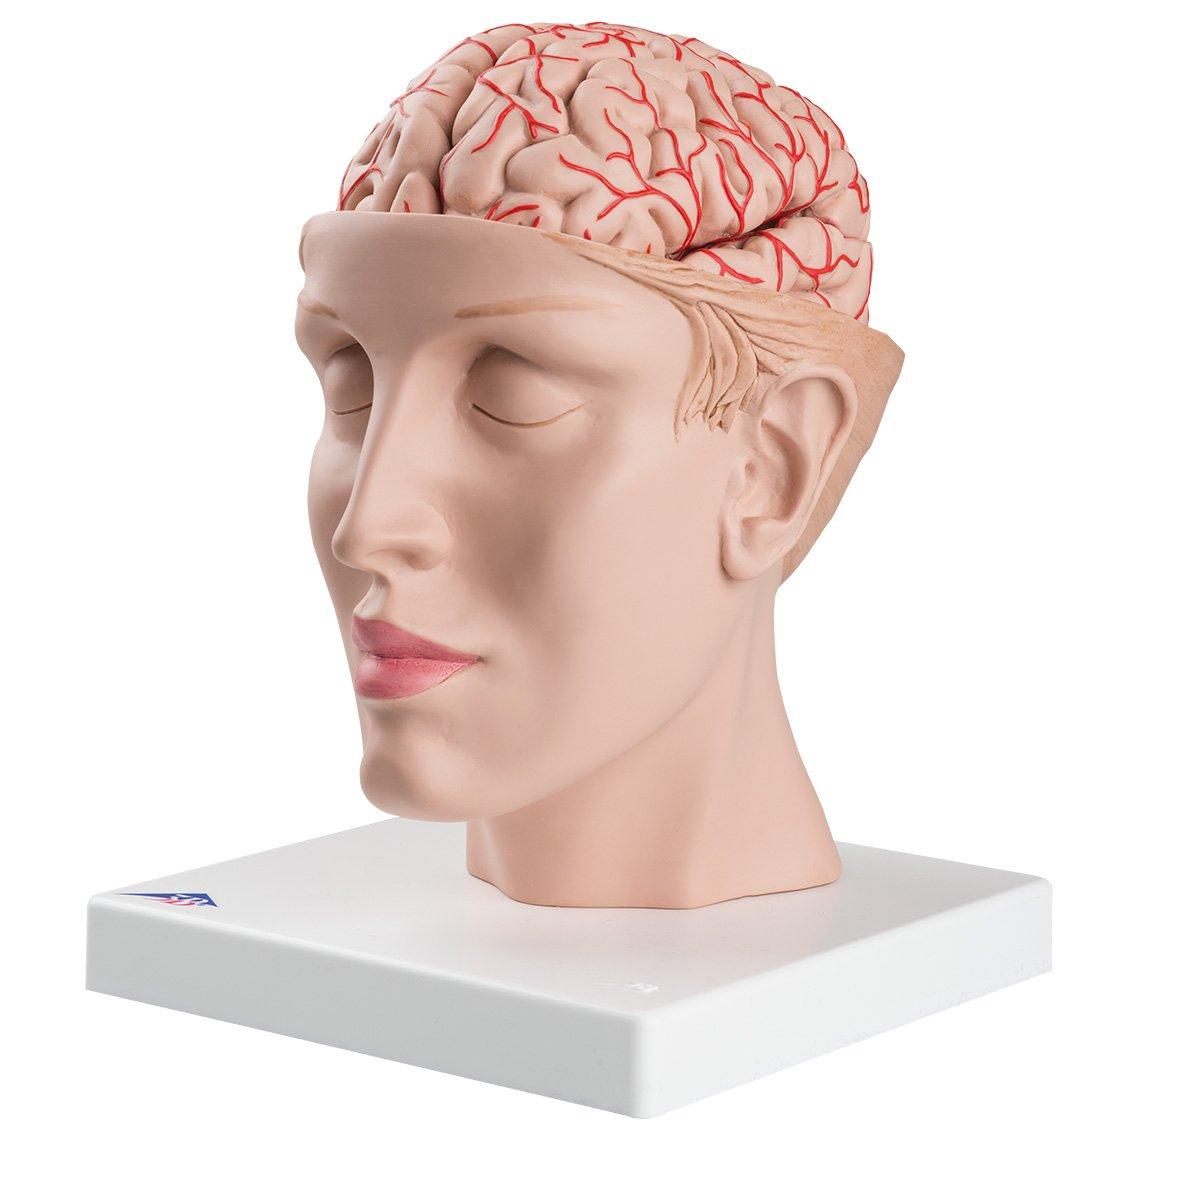 超高品質で人気の 頭部,9分解モデル,動脈,頭蓋底付 B006YWT2C0 B006YWT2C0, 島牧村:21f16620 --- a0267596.xsph.ru